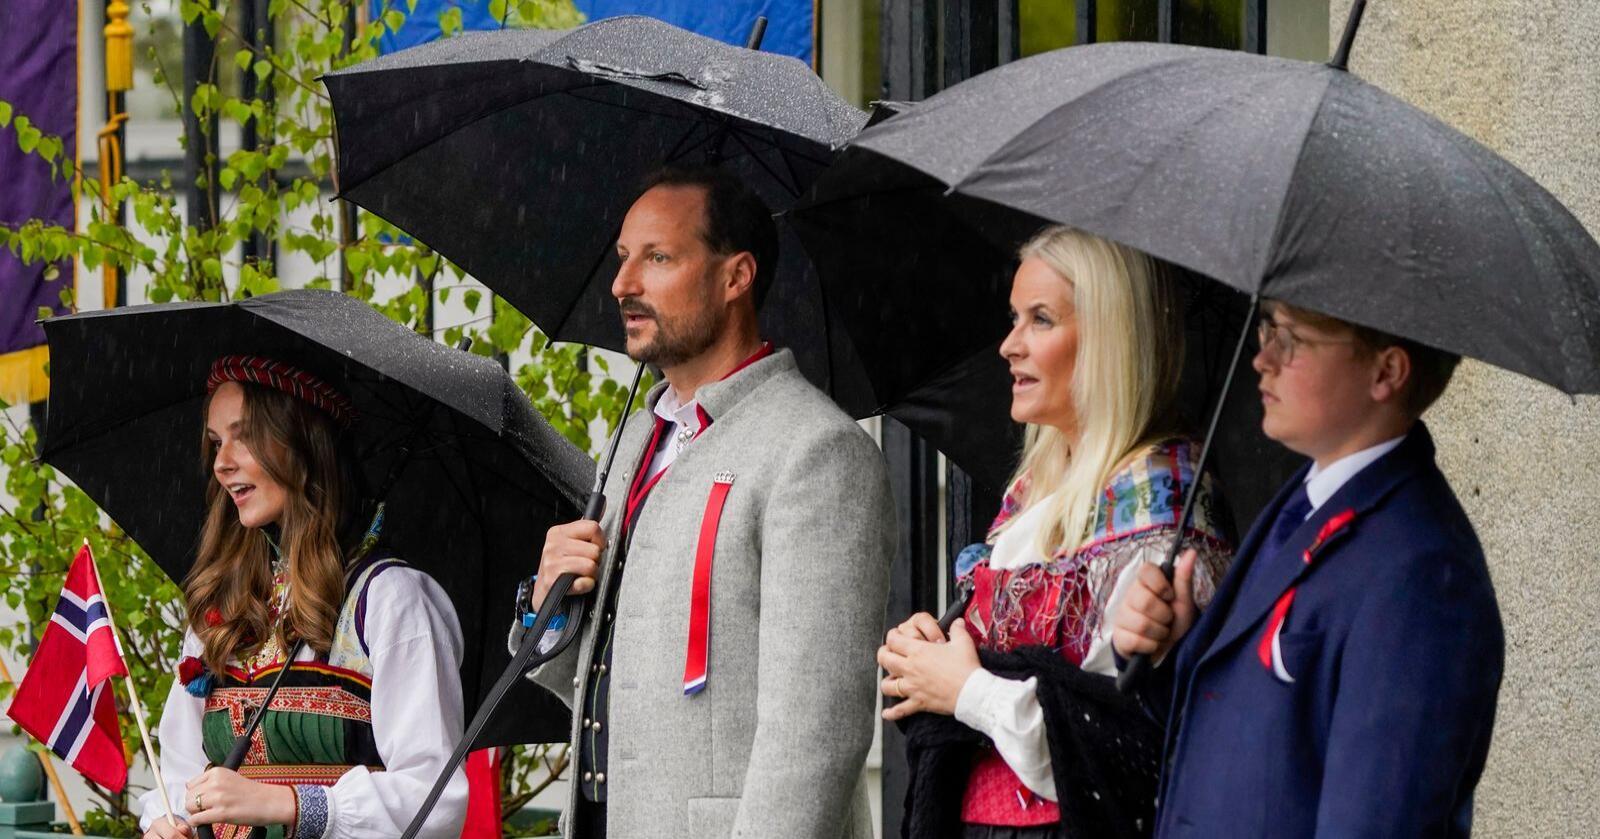 Prinsesse Ingrid Alexandra, kronprins Haakon, kronprinsesse Mette-Marit og prins Sverre Magnus under 17. mai feiring på Skaugum i Asker. På grunn av koronapandemien er det i år en annerledes feiring av nasjonaldagen.Foto: Lise Åserud / POOL / NTB